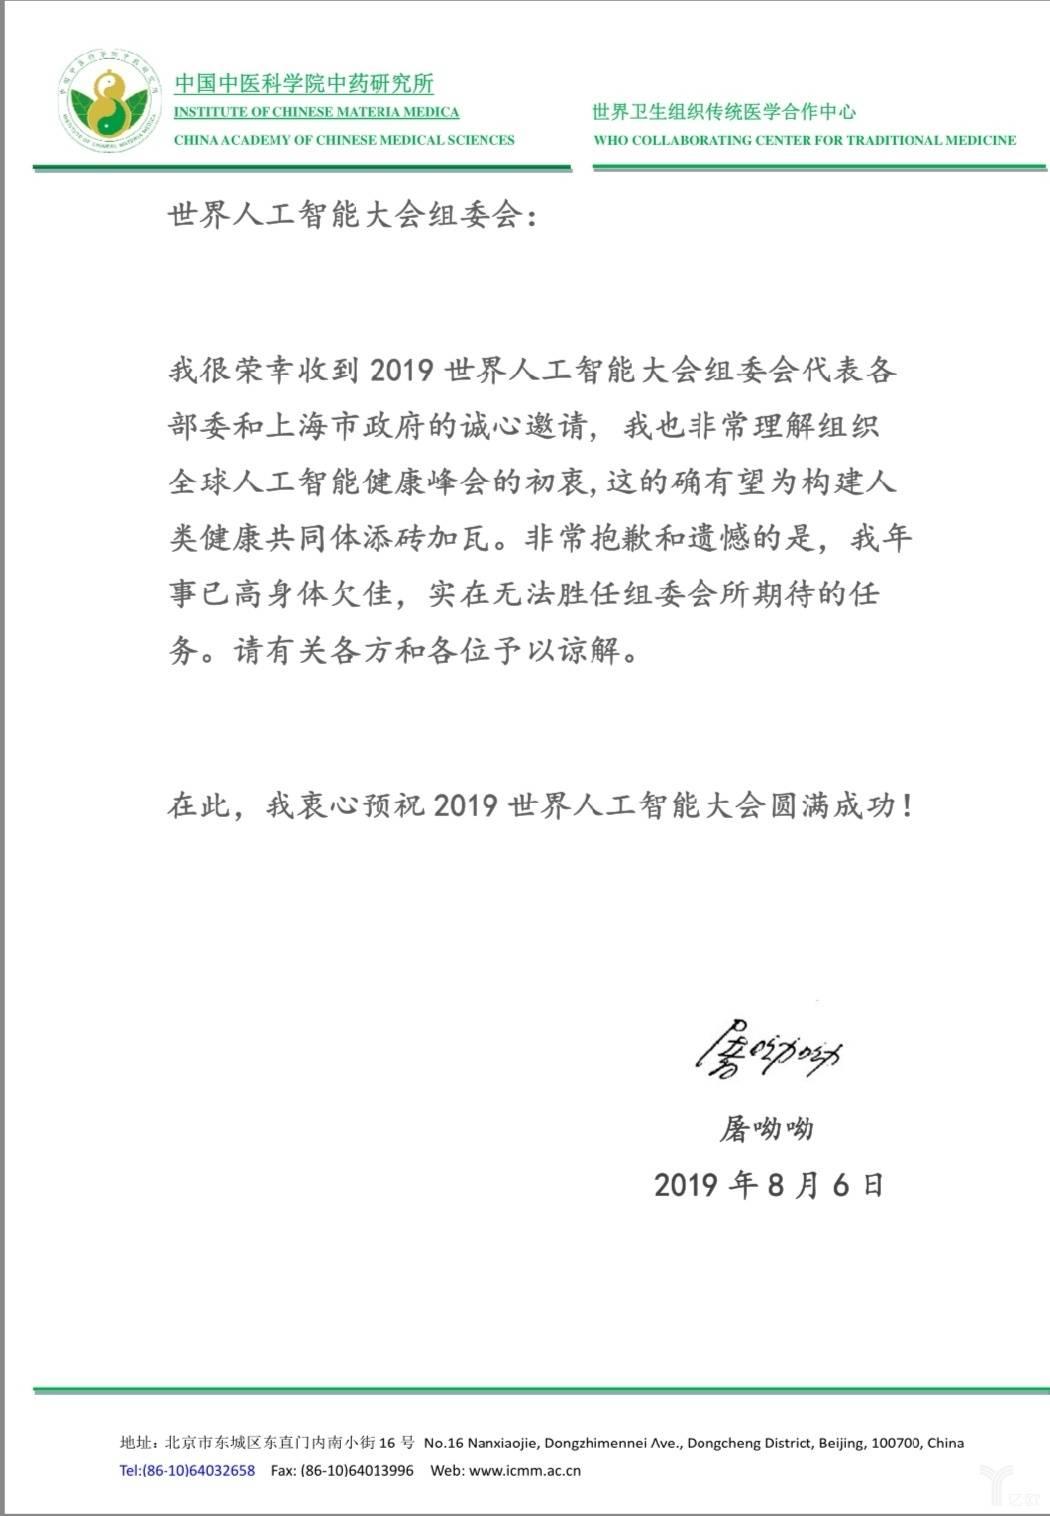 首位华人诺贝尔生理学或医学奖获得者,中国药学家屠呦呦为峰会致贺信